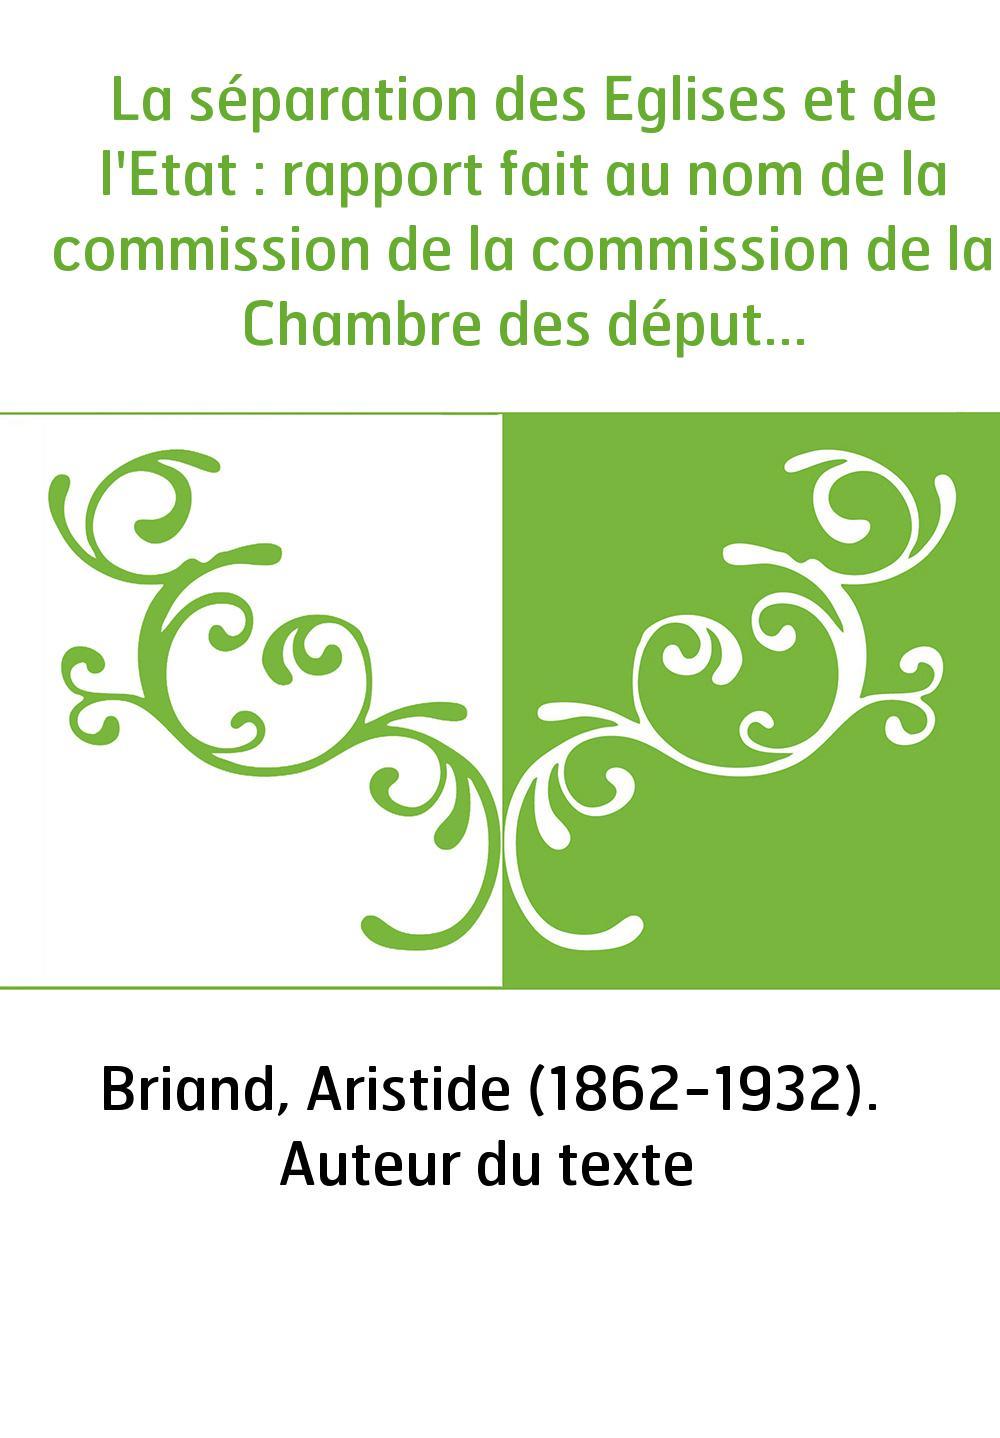 La séparation des Eglises et de l'Etat : rapport fait au nom de la commission de la commission de la Chambre des députés, suivi